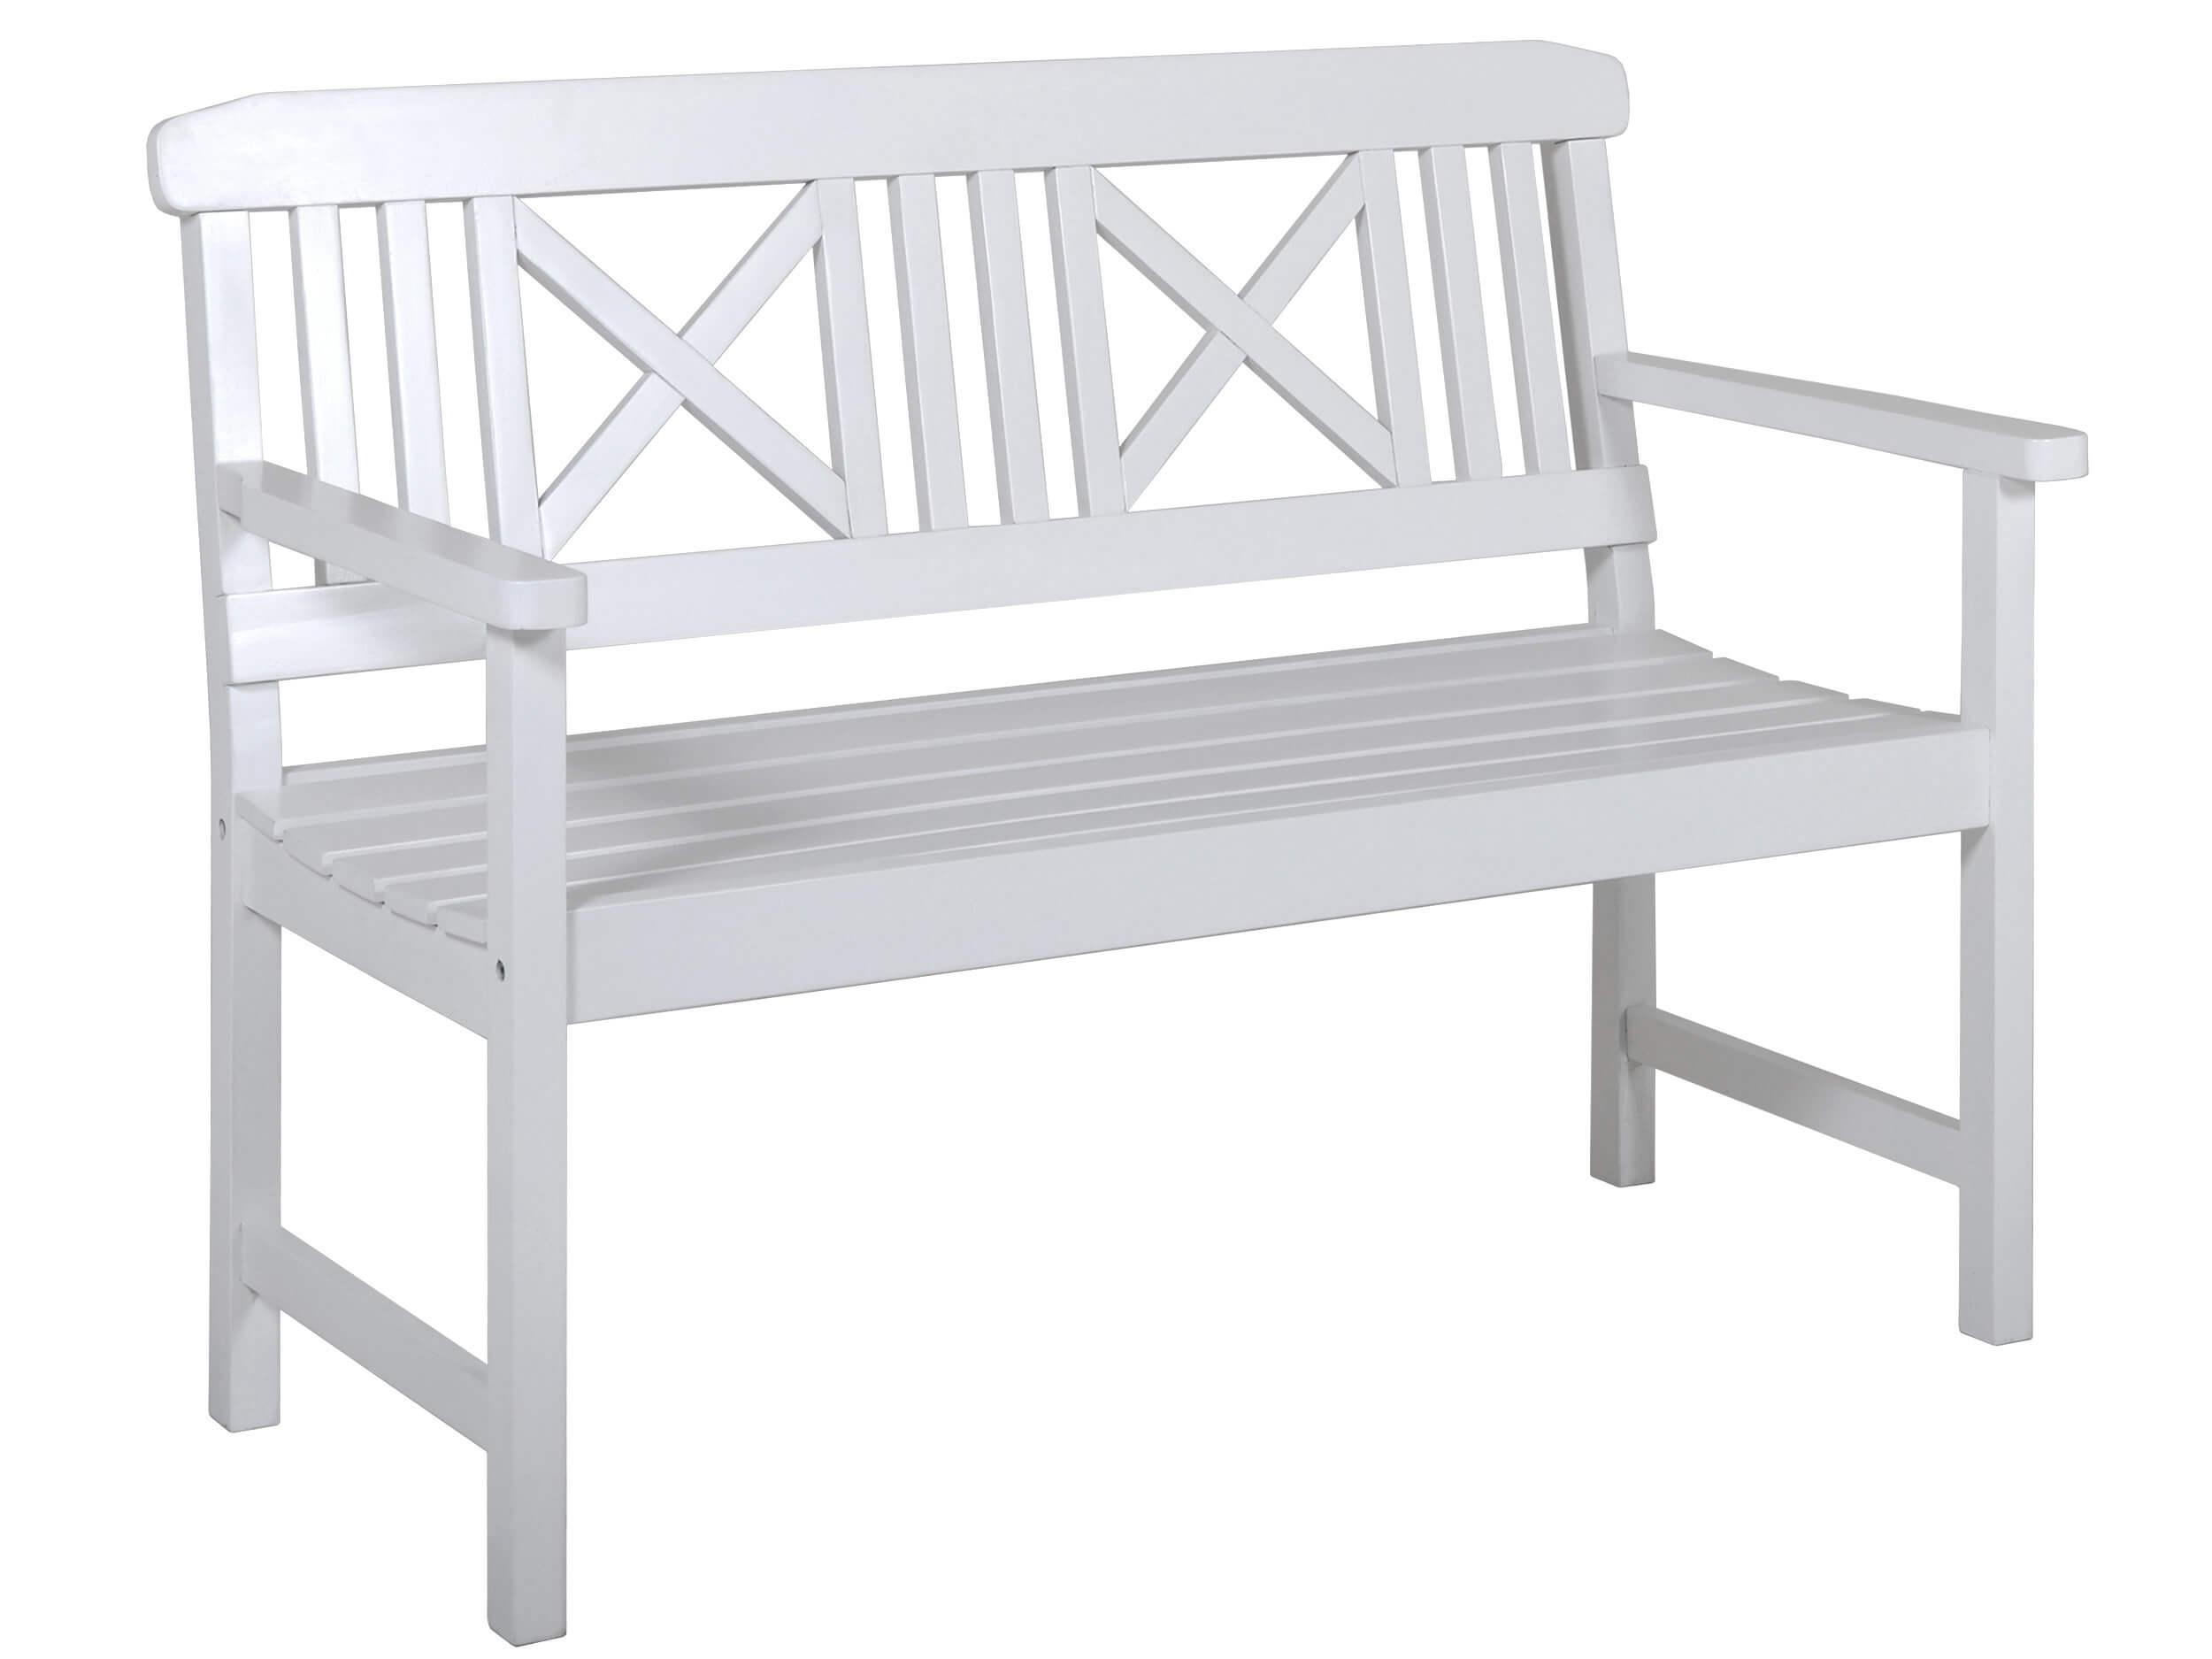 gartenbank 2 sitzer gartenm bel l nse. Black Bedroom Furniture Sets. Home Design Ideas